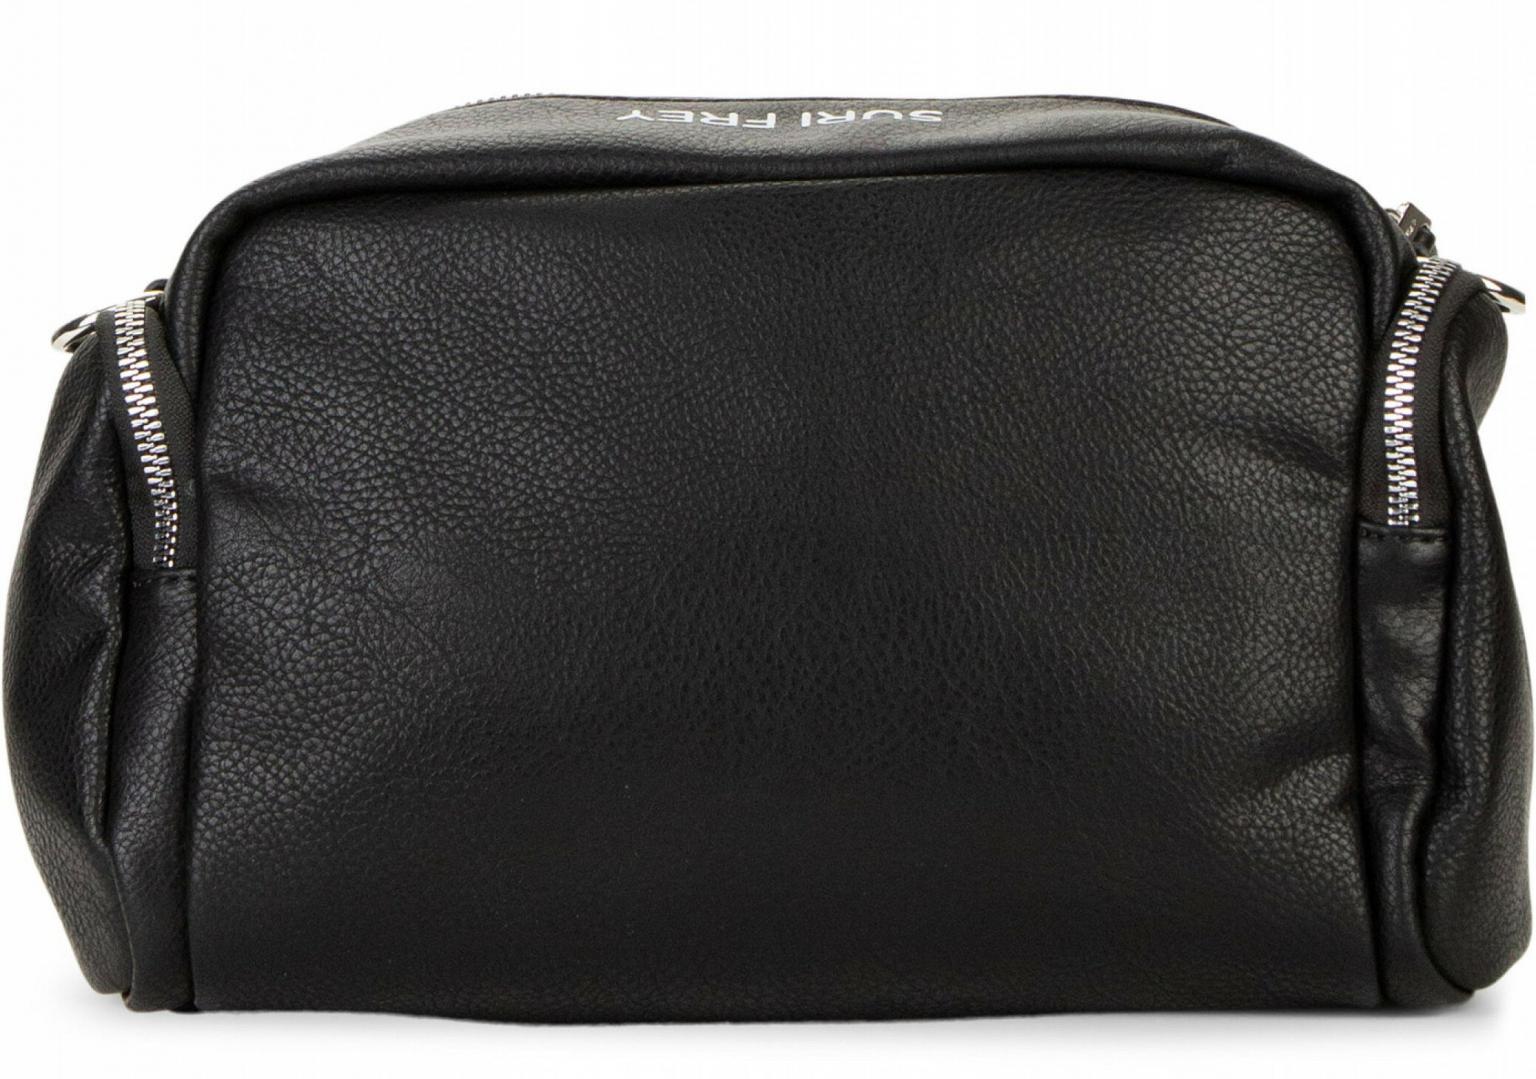 Crossover Tasche schwarz Terry Synthetik genarbt Suri Frey